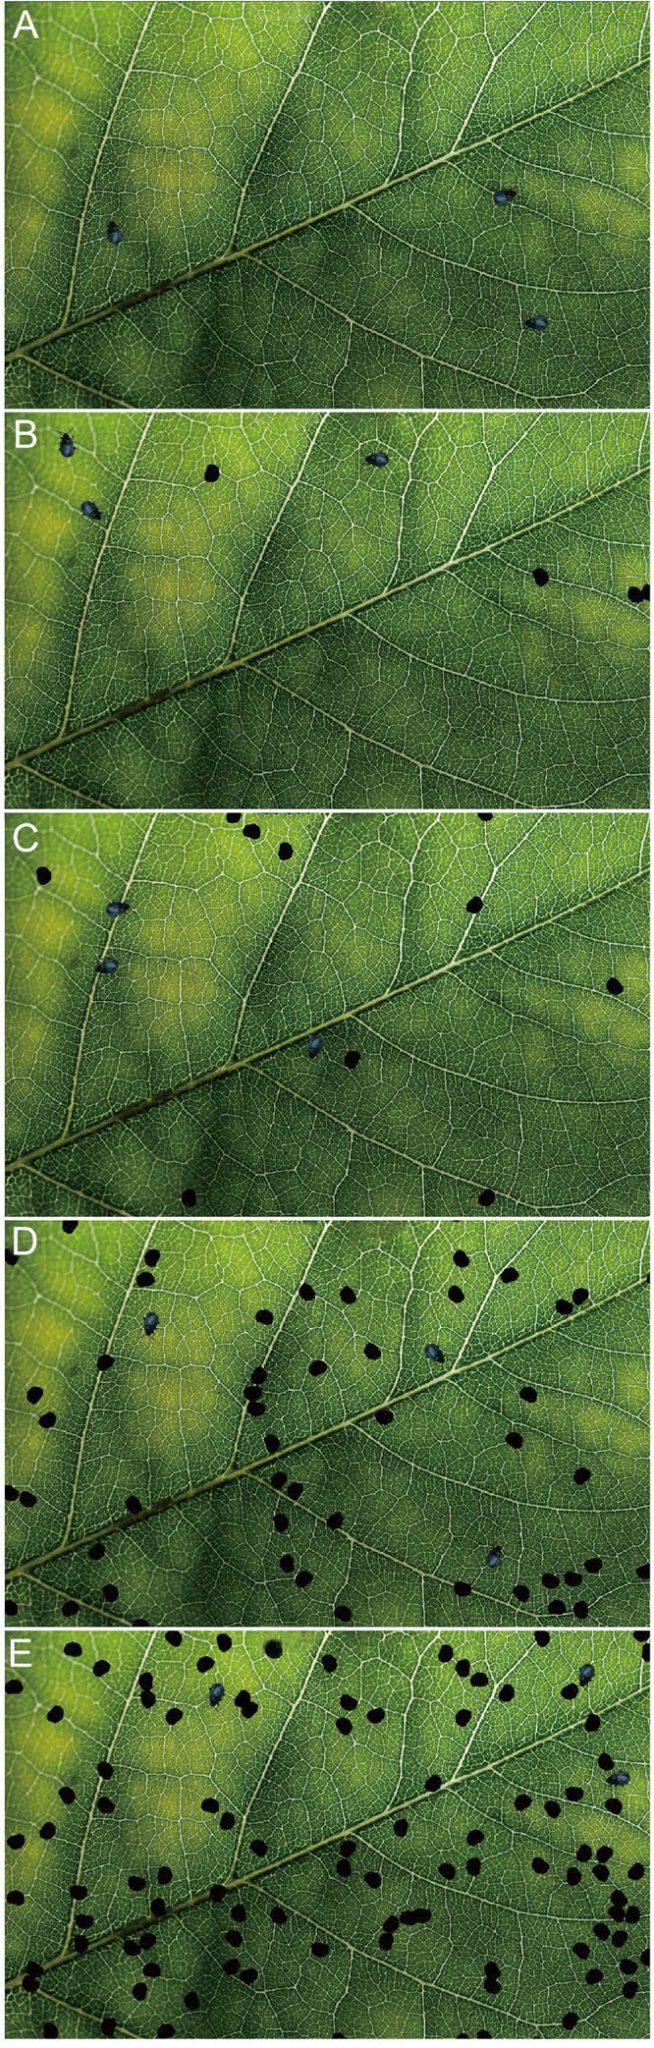 Рис. 2. Найдите трех жуков на листьях с 0, 5, 10, 50 и 100 отверстиями. Площадь отверстия равна площади тела жука [1]